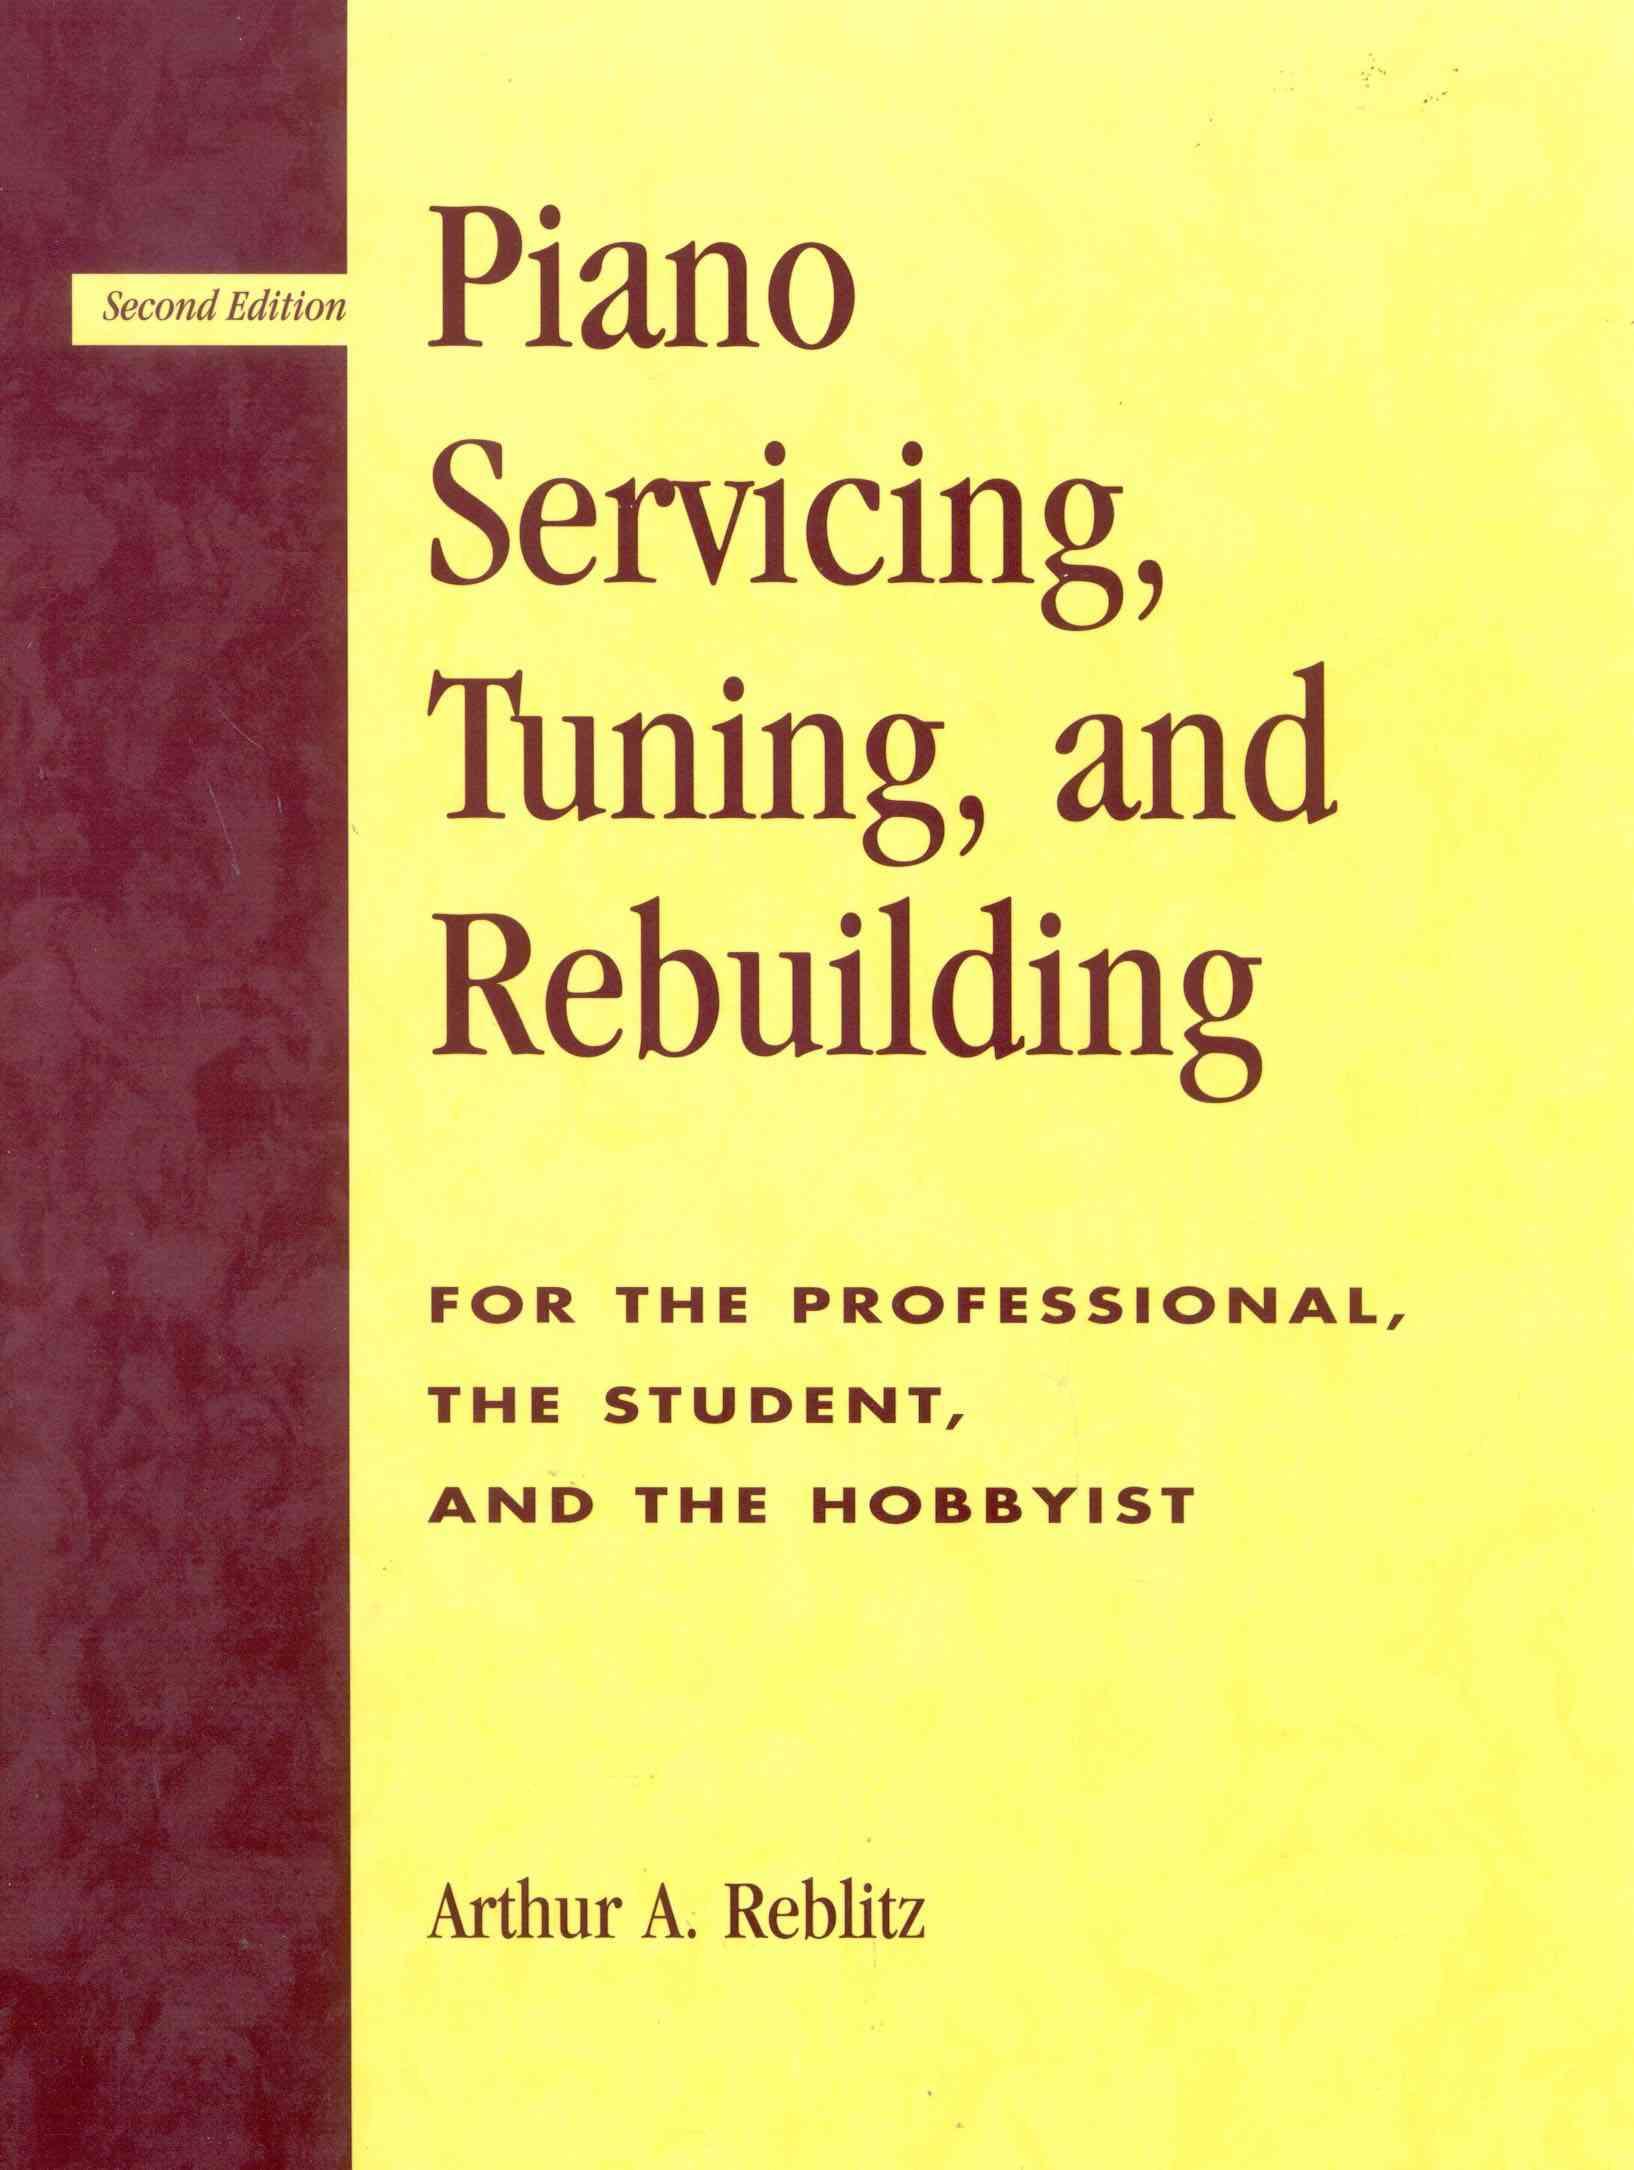 Piano Servicing, Tuning and Rebuilding By Reblitz, Arthur A.